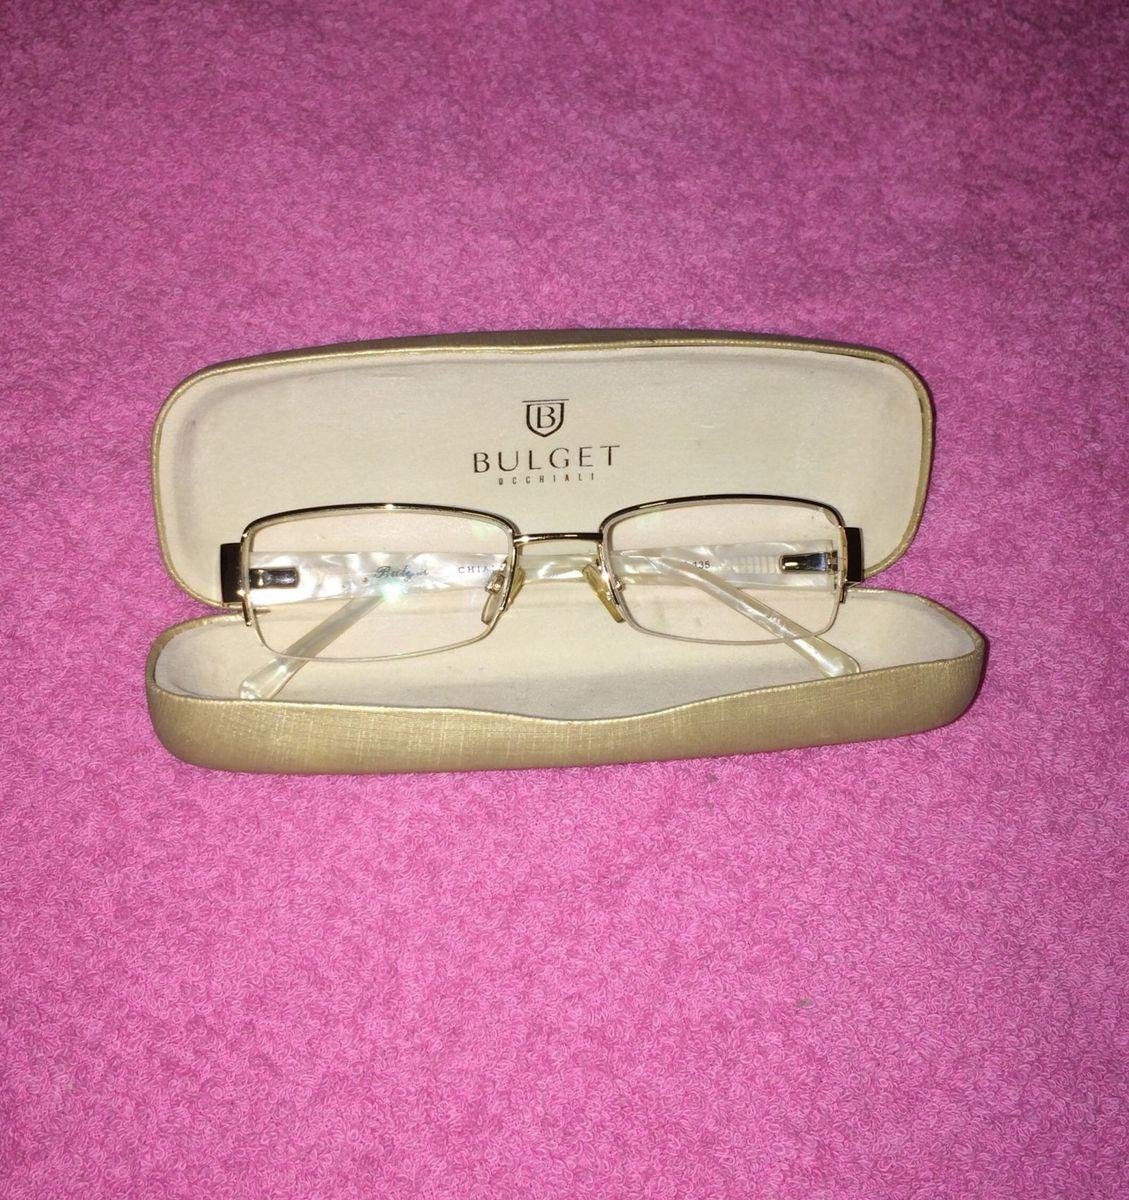 7b096a0eb óculos bulget super barato - óculos bulget.  Czm6ly9wag90b3muzw5qb2vplmnvbs5ici9wcm9kdwn0cy82nje1ndm0lzhmy2exowu5yzczzjc5njk1ytk2nmnim2njywjjzjzmlmpwzw